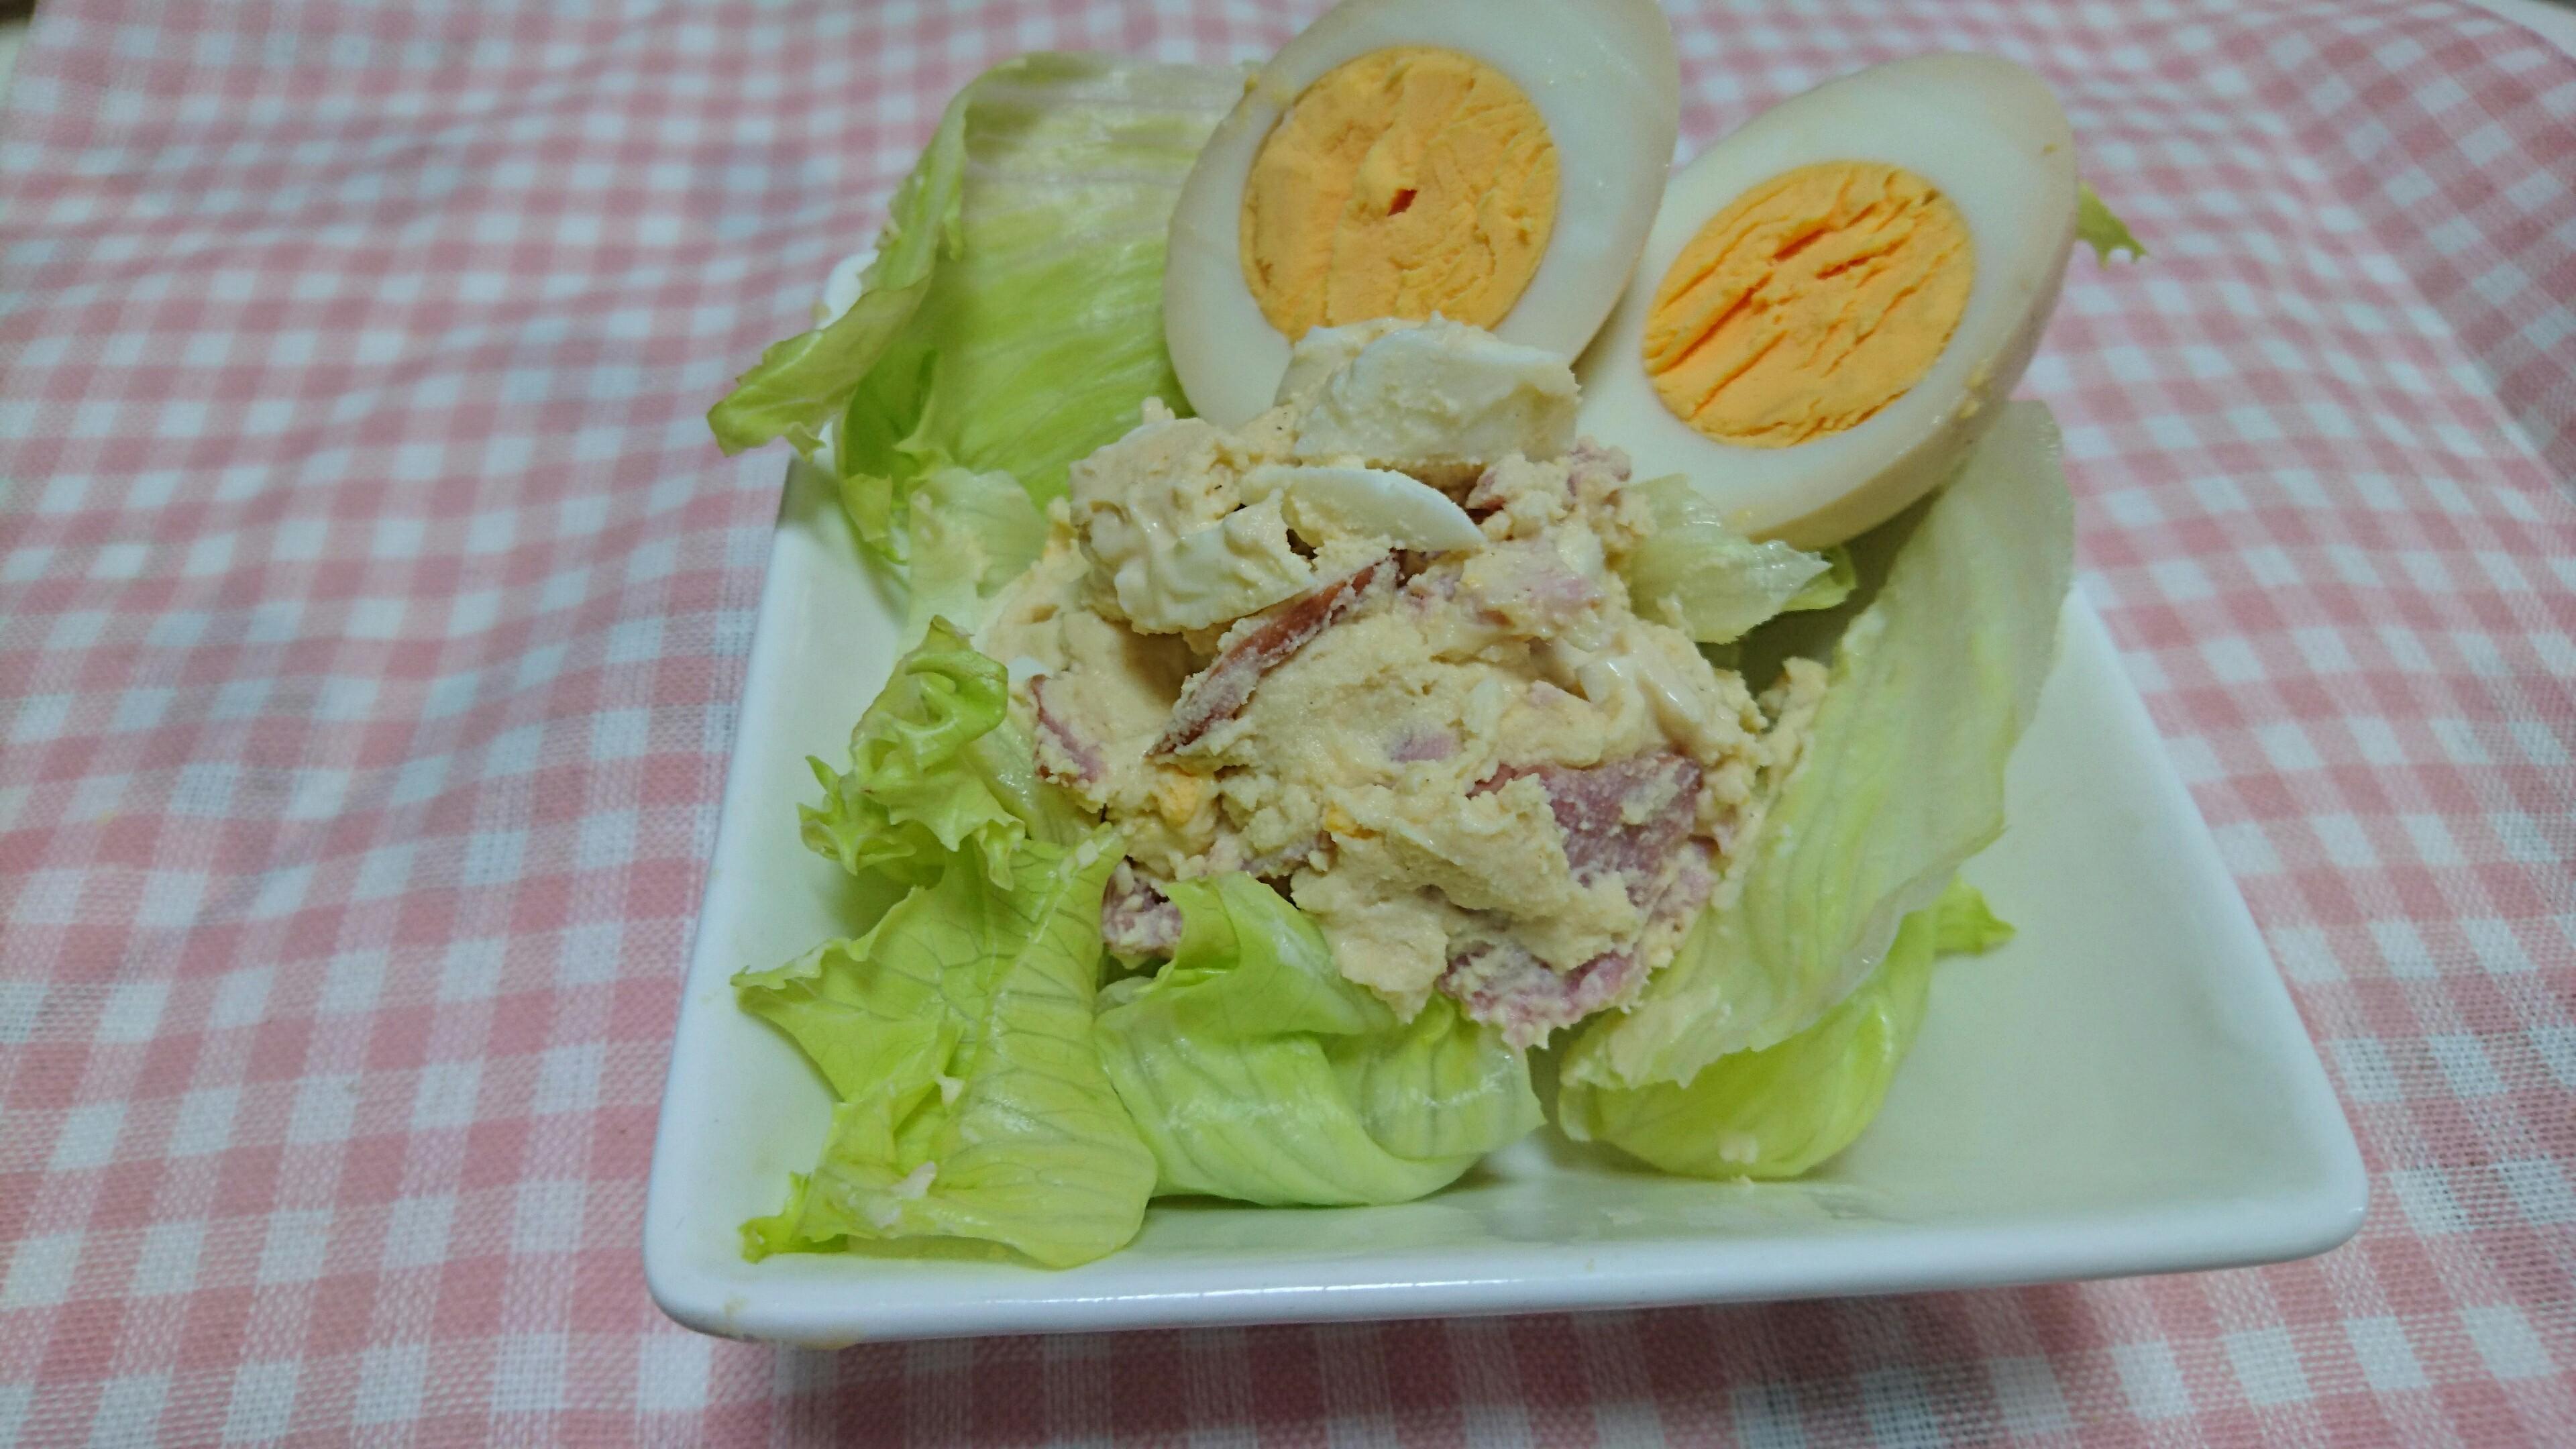 おからパウダーでポテトサラダ【 糖質4.5g/一人前1.5g 】